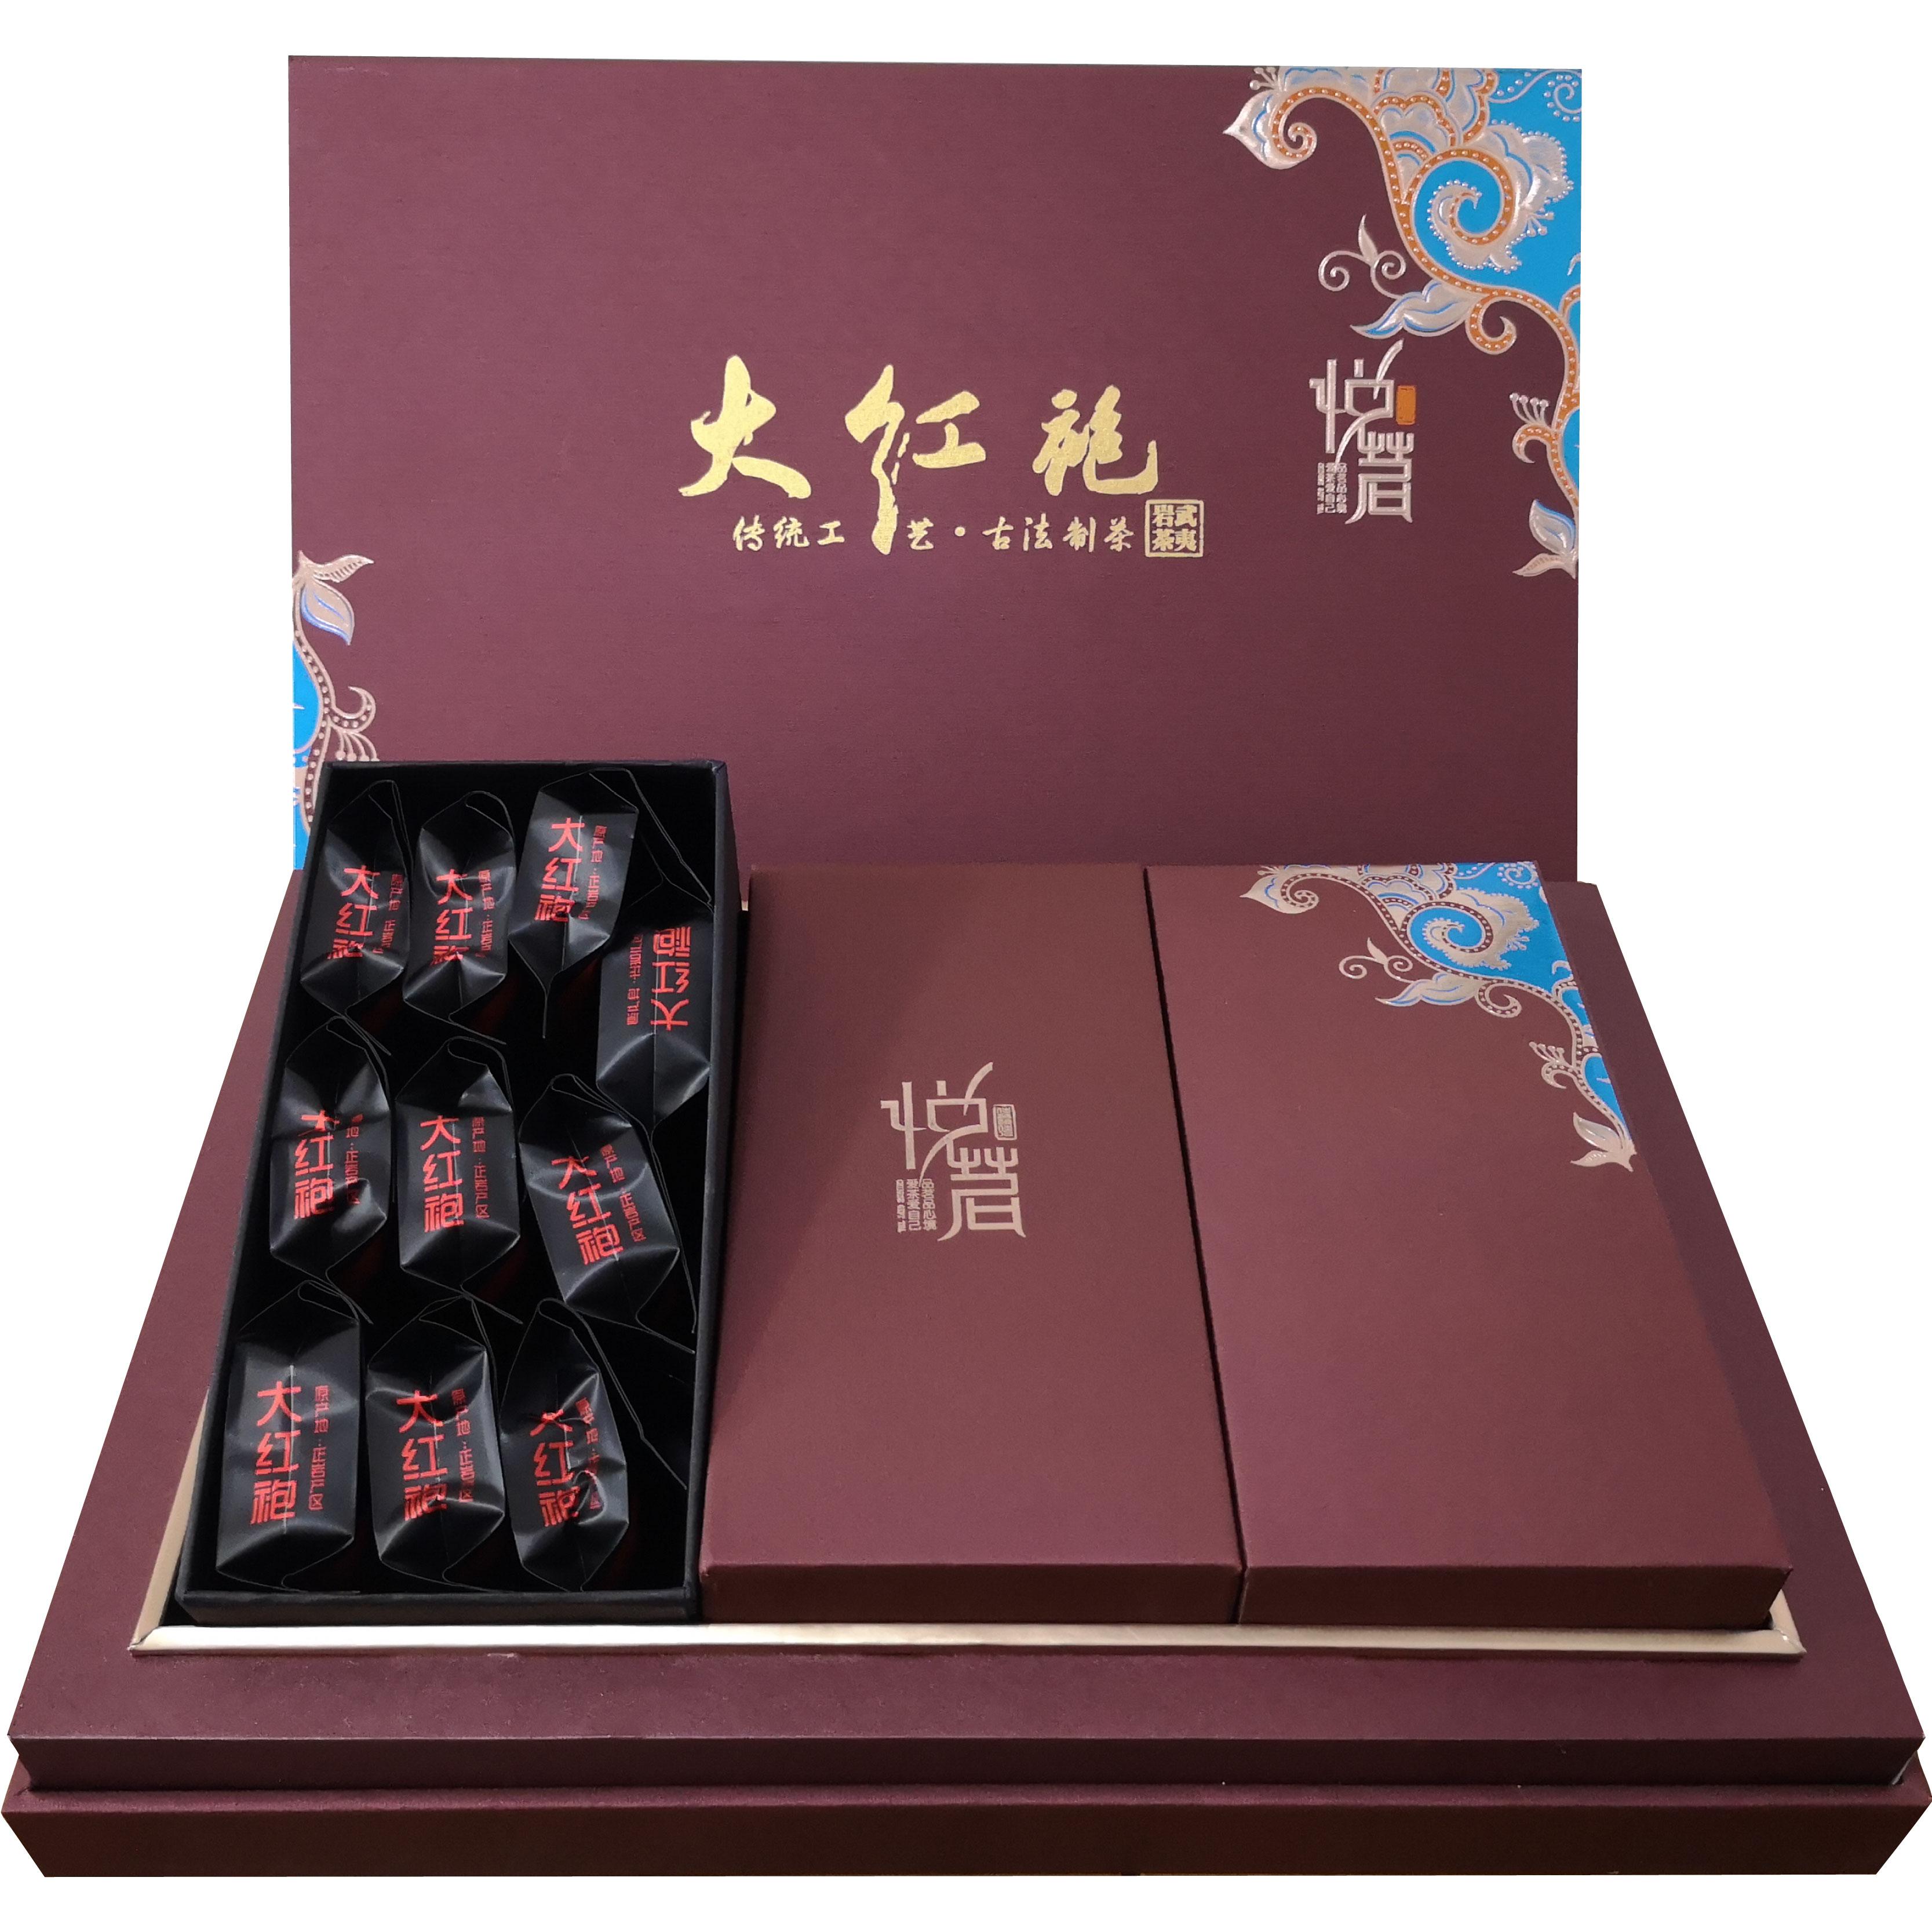 悦茗堂特级大红袍武夷山高山天然有机乌龙茶春茶礼盒装250g